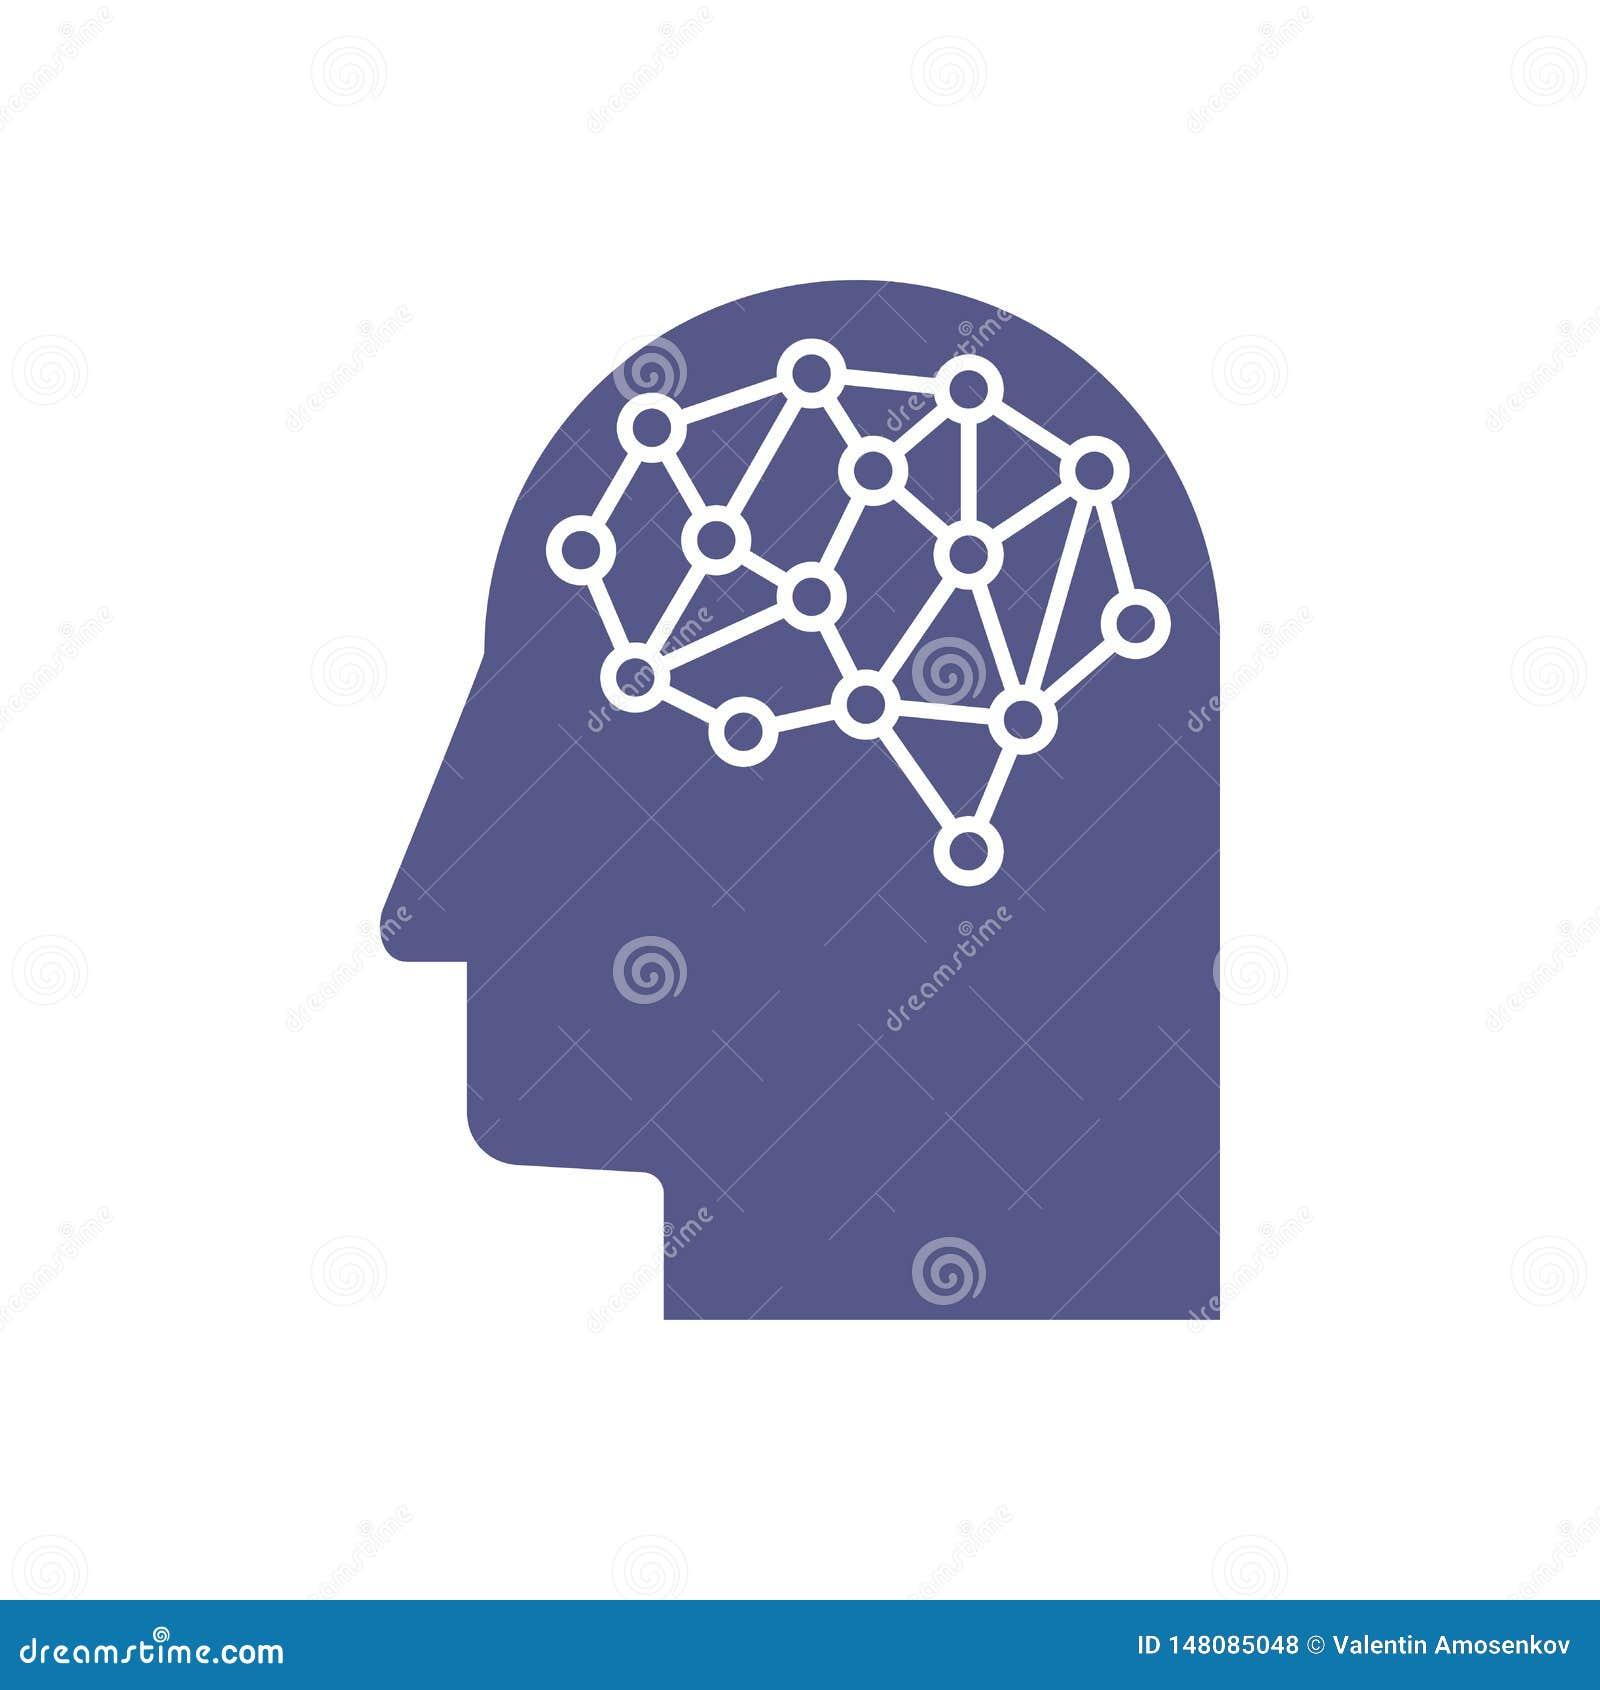 Η εικόνα των ανθρώπινων επικεφαλής περιλήψεων, το εσωτερικό των οποίων είναι εκεί αφηρημένος πίνακας κυκλωμάτων